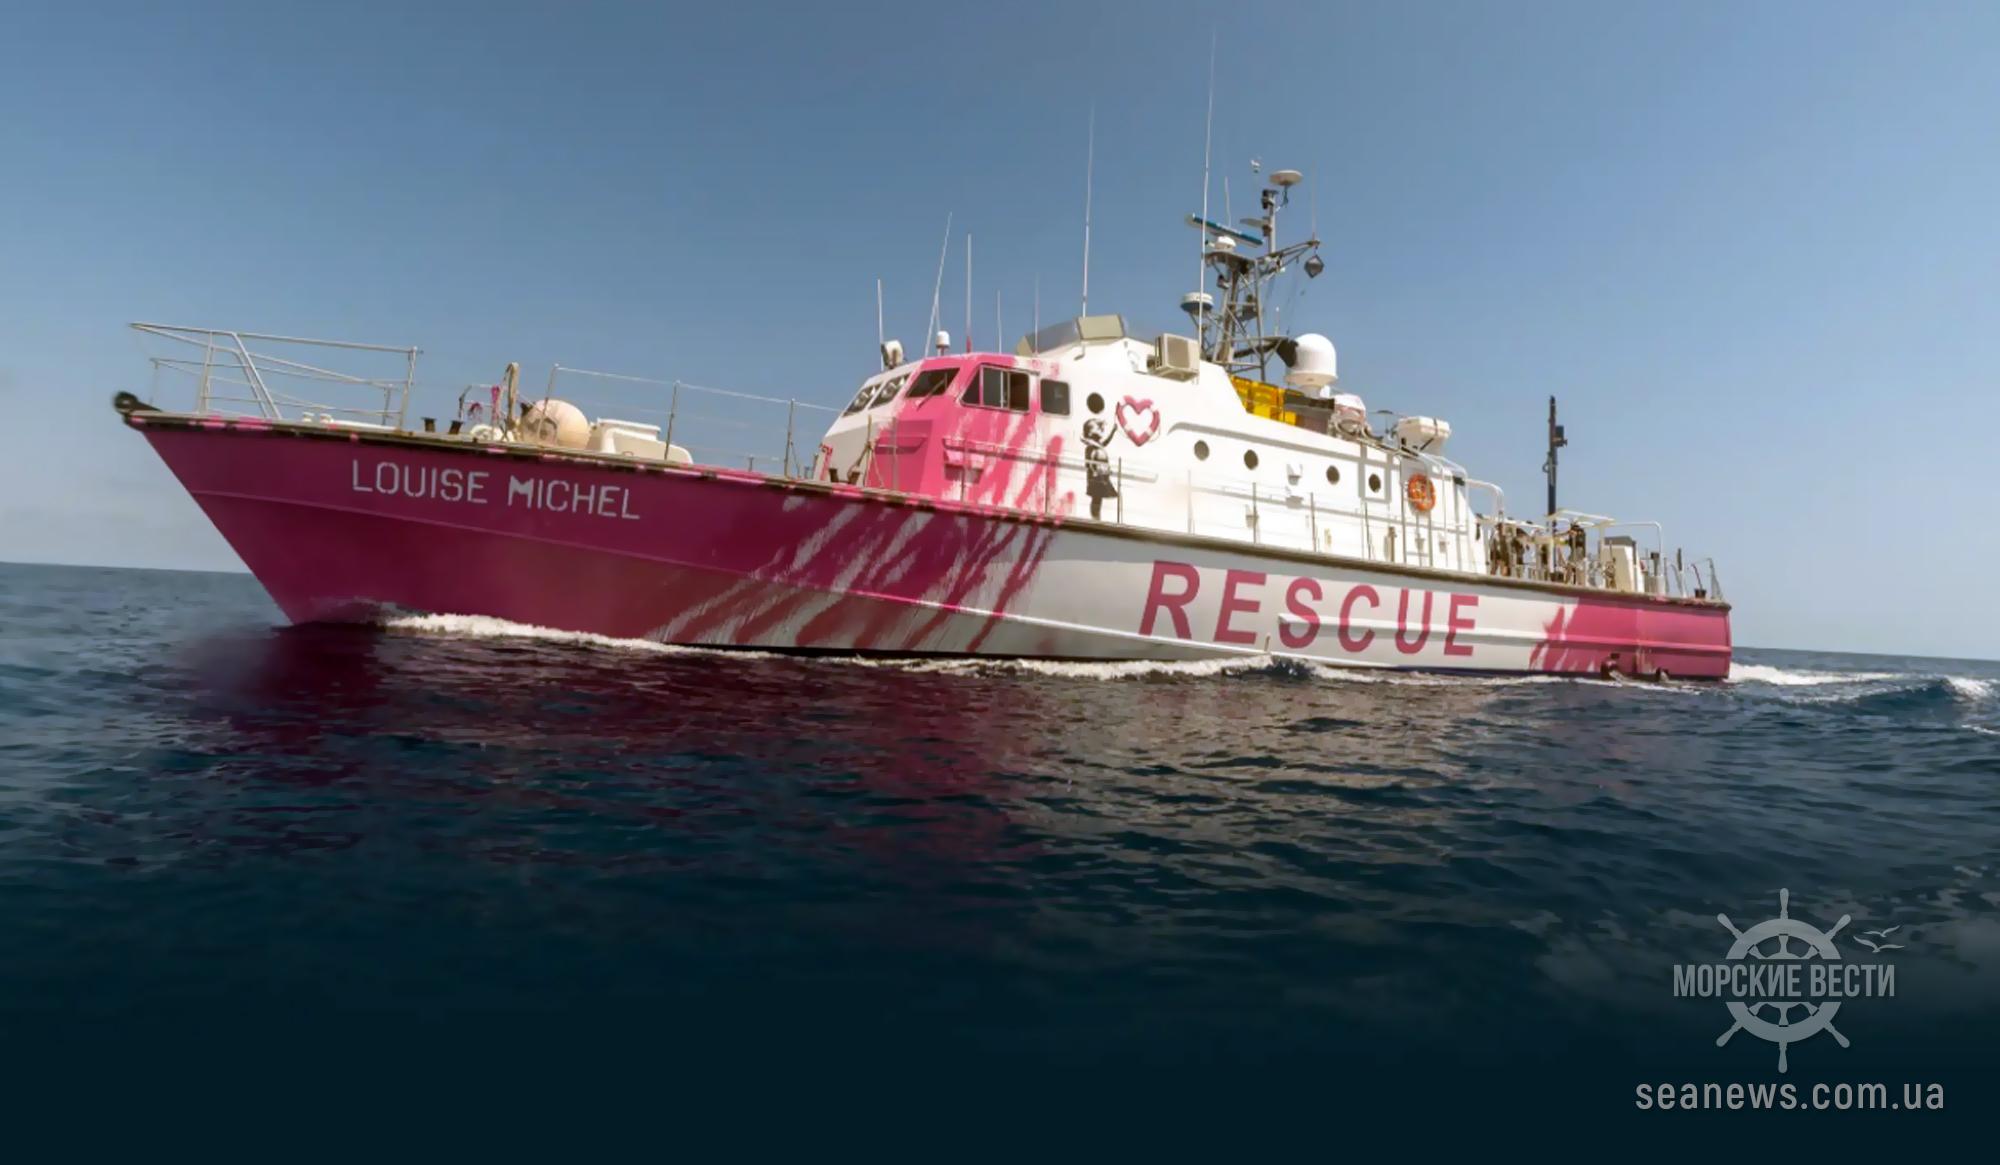 Бэнкси купил судно для спасения африканских мигрантов